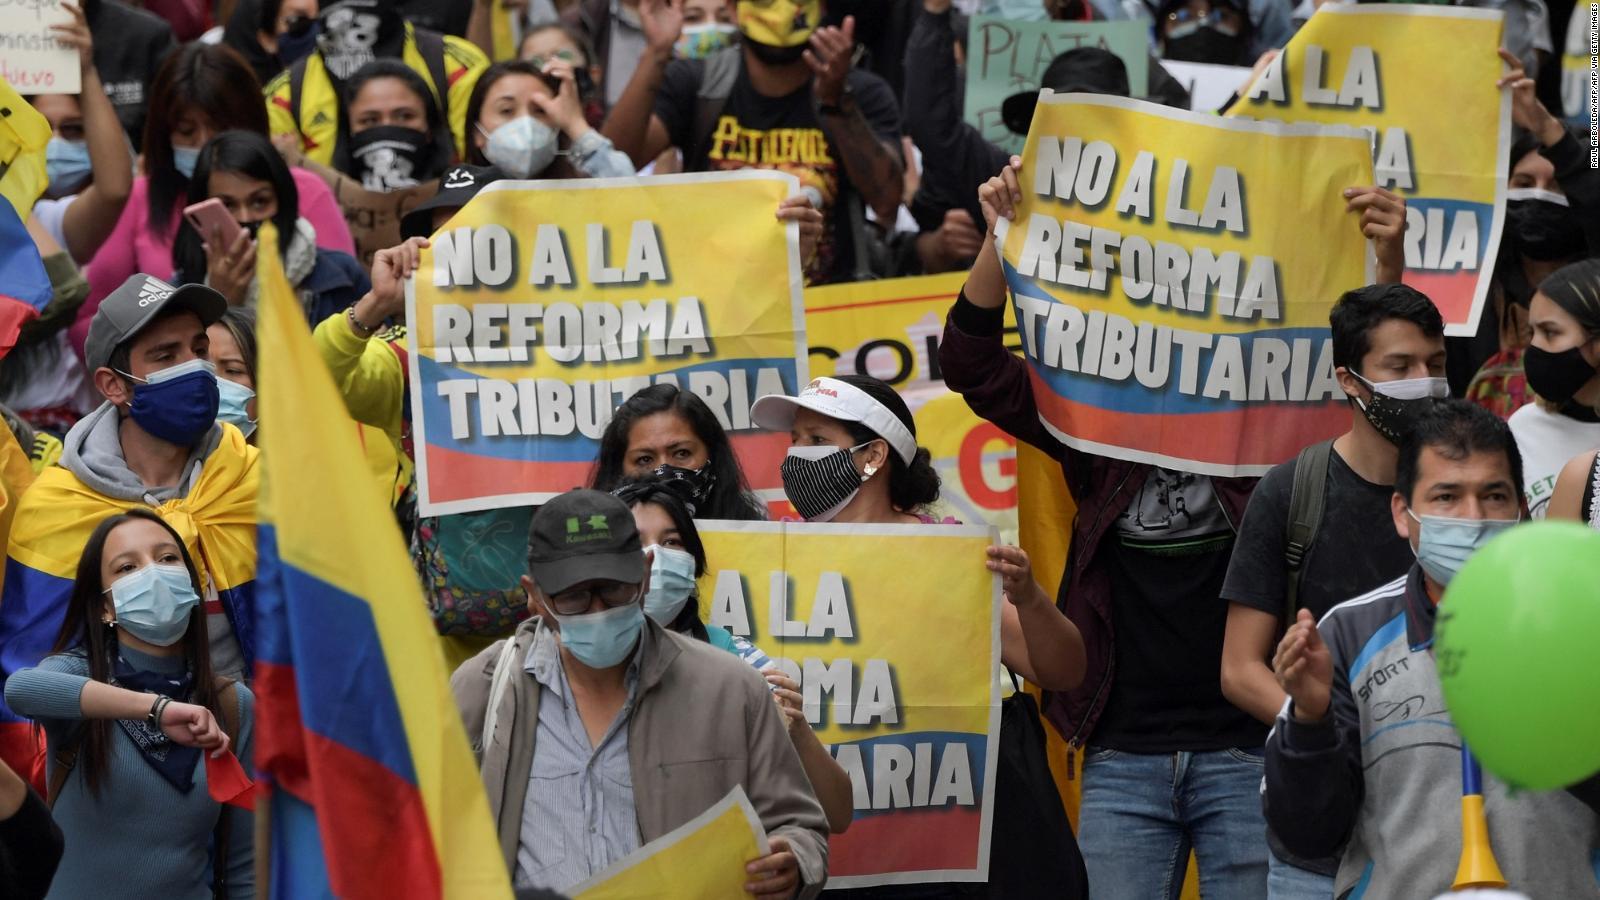 Protestas en Colombia por reforma tributaria: guía para entender el  descontento social